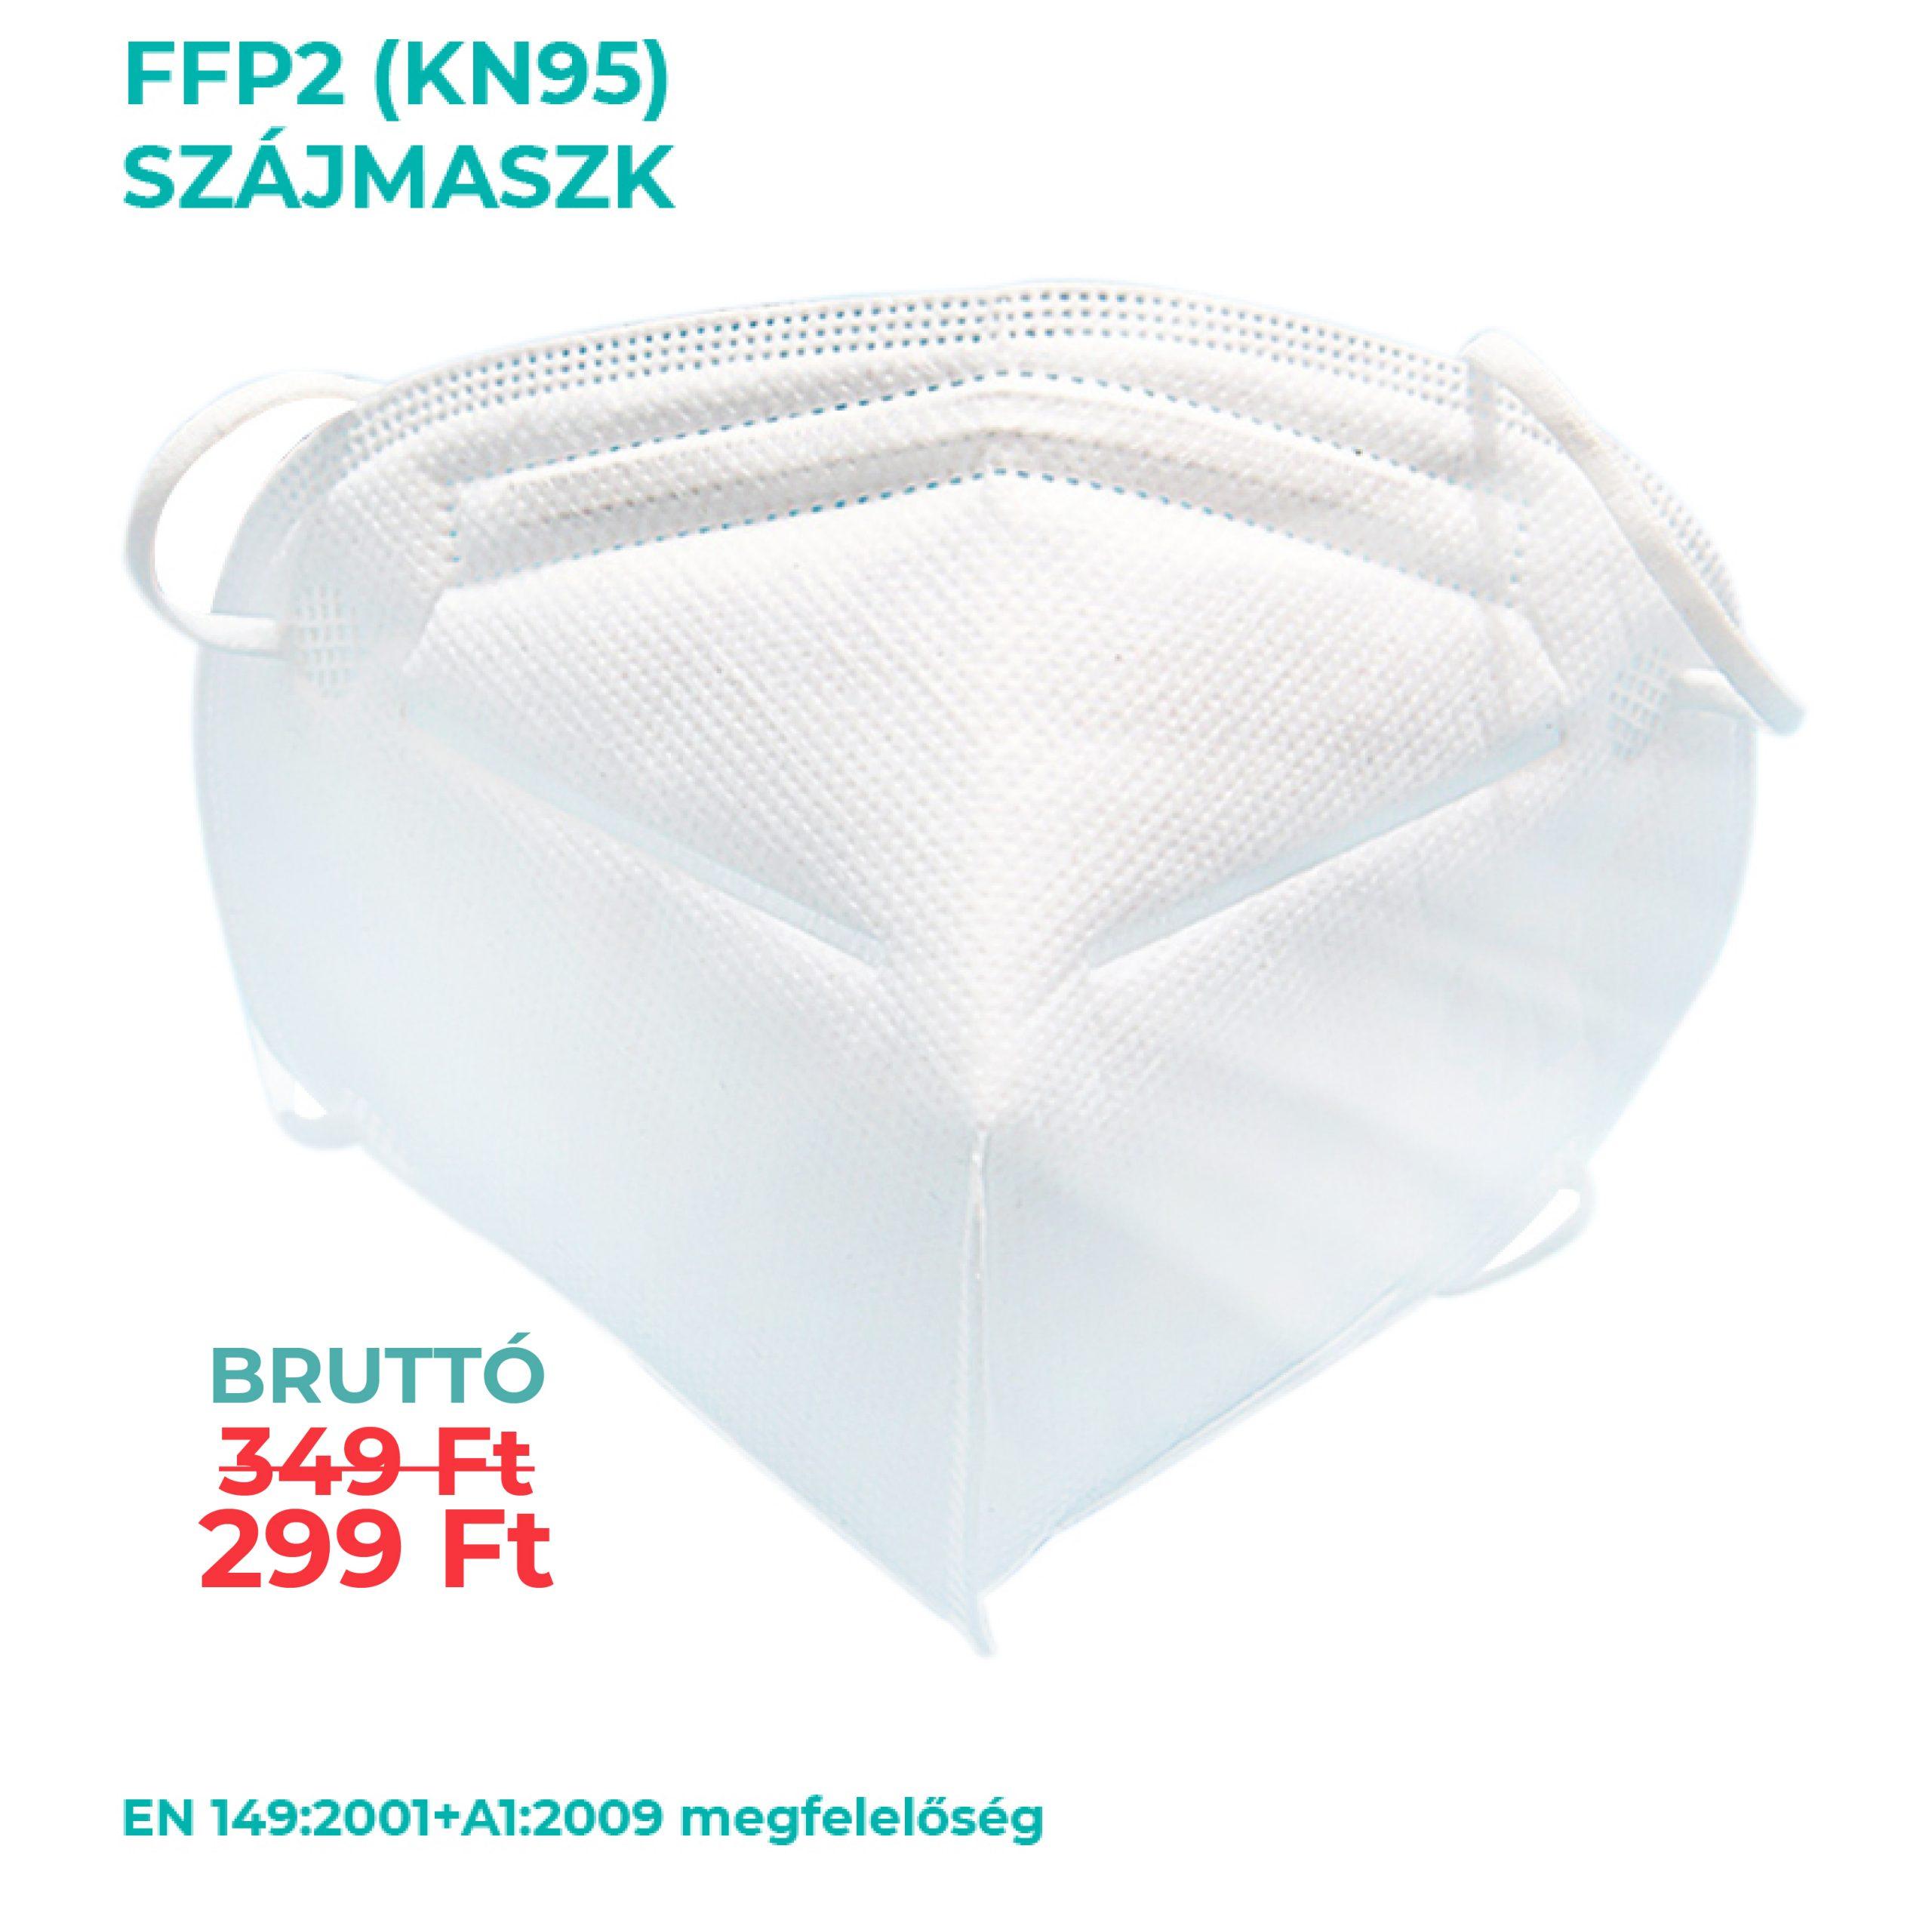 FFP2_349_299